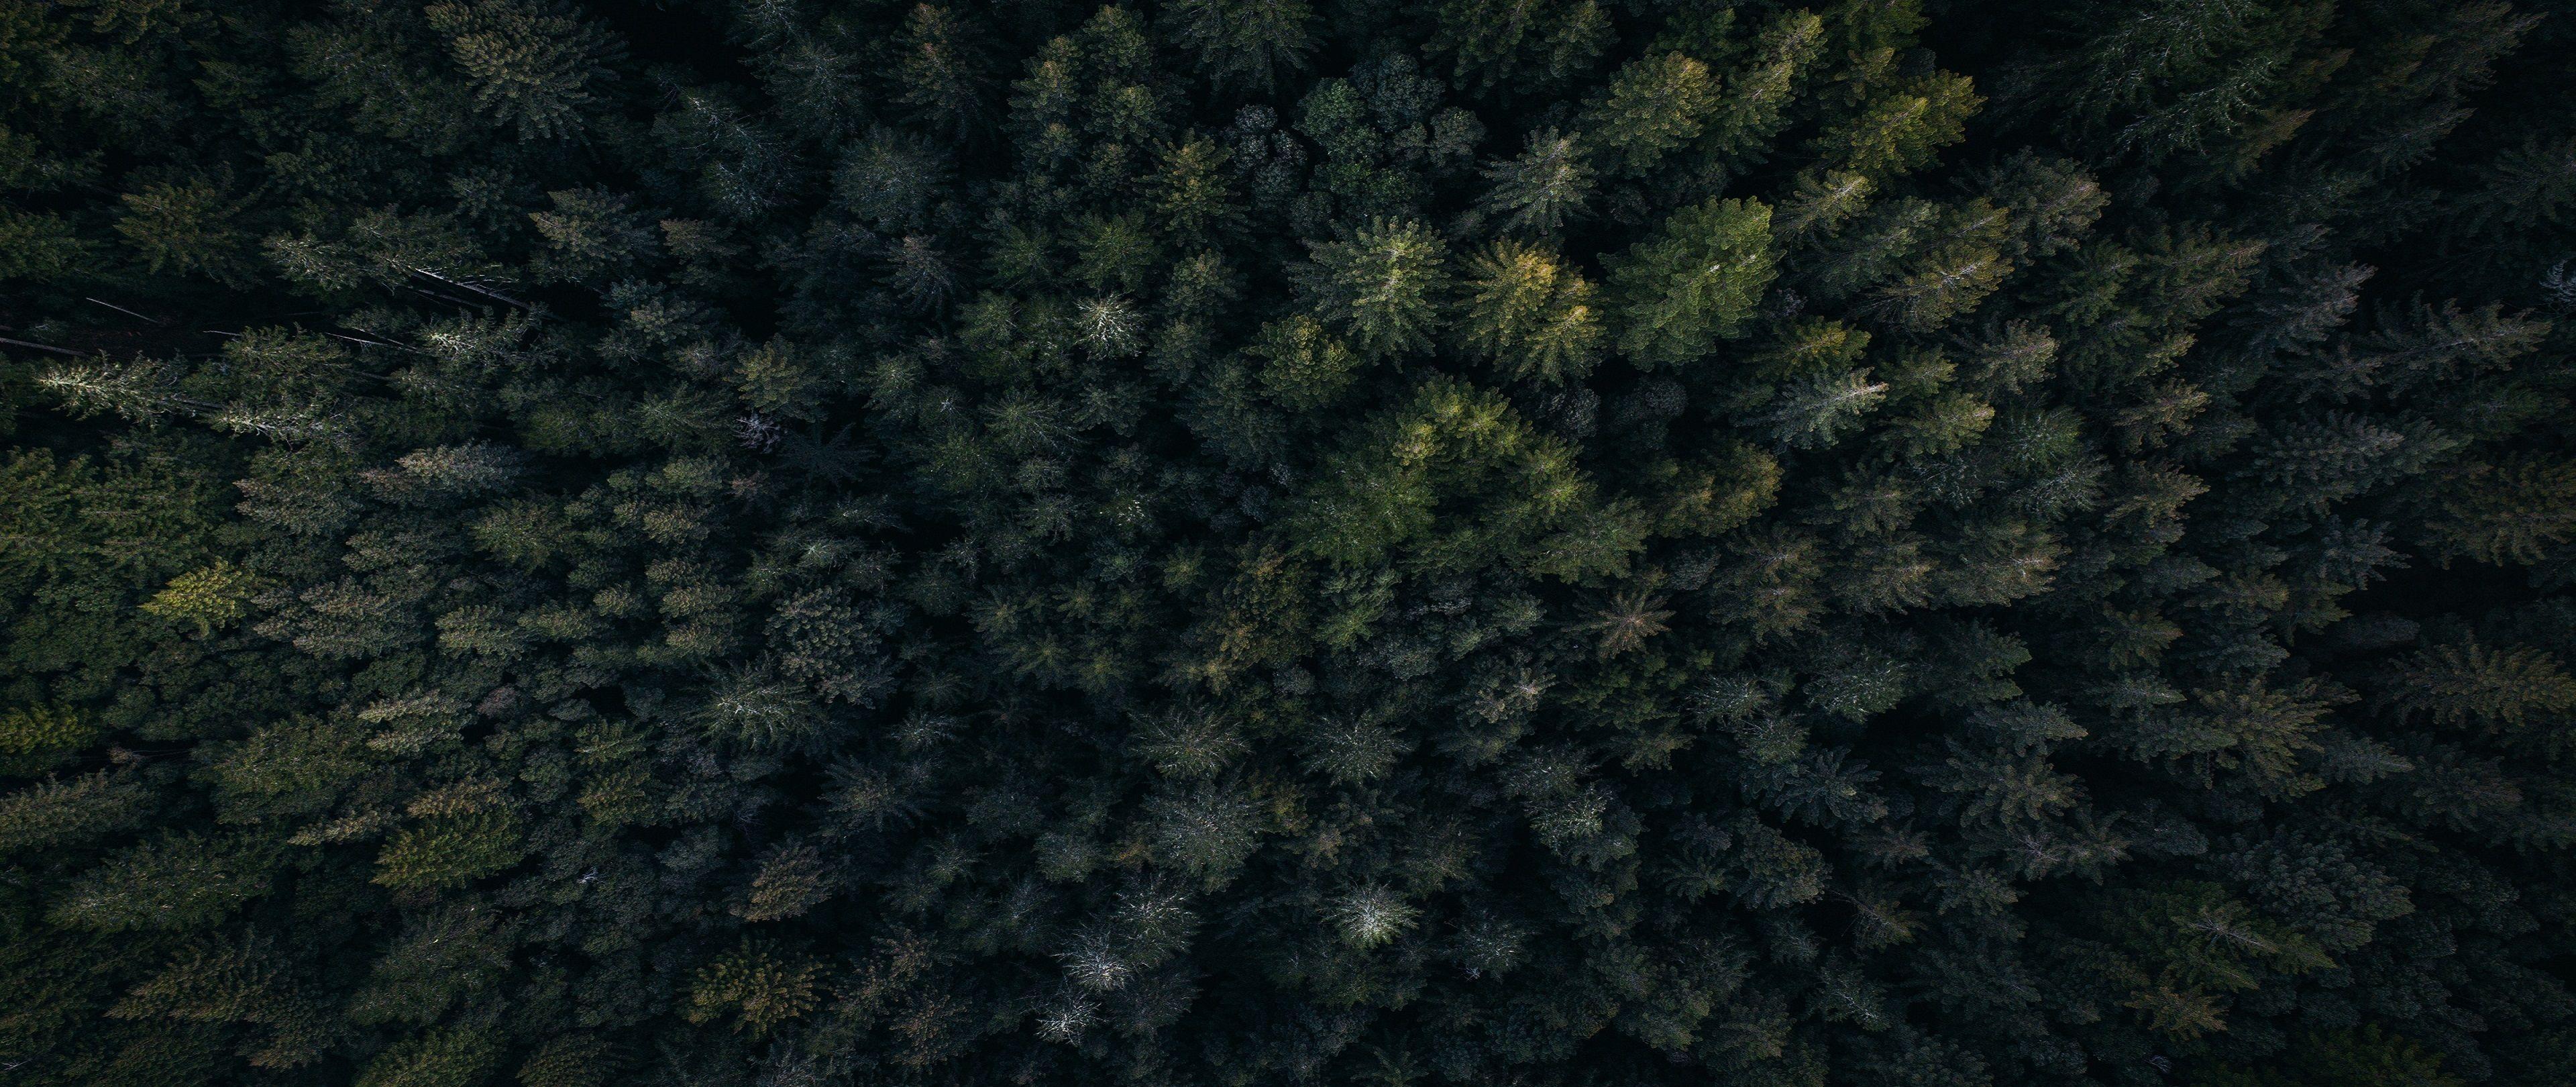 Dark 4K Wallpapers - Top Free Dark 4K Backgrounds ...